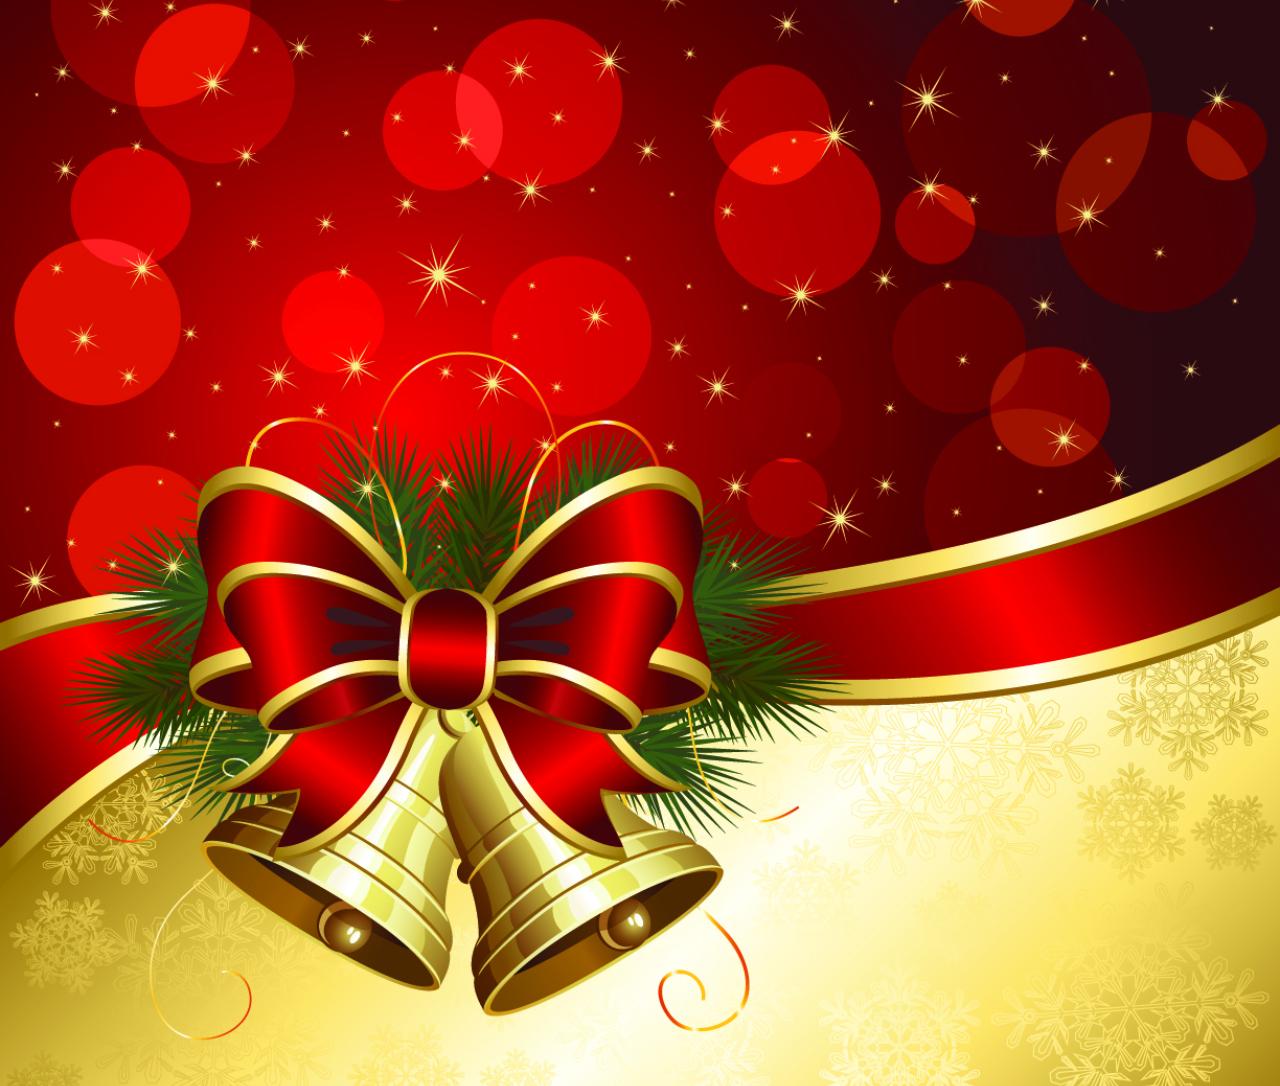 HAPPY MERRY CHRISTMAS